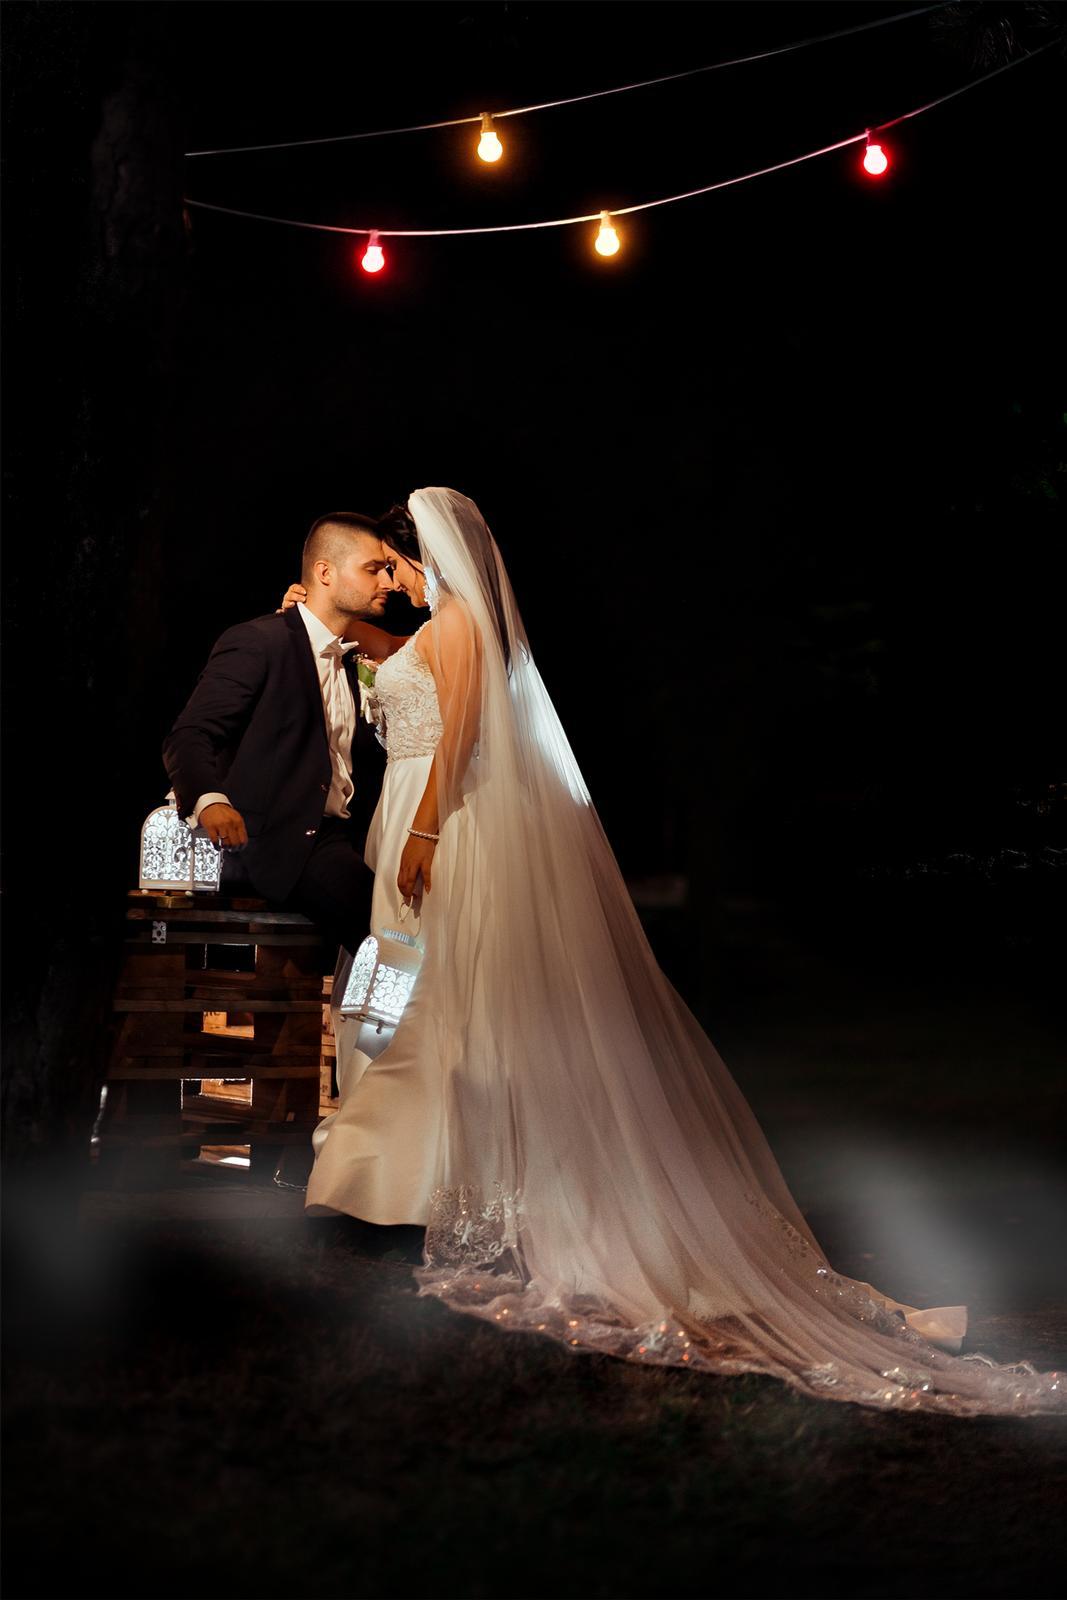 Svadobné príbehy ... - Obrázok č. 60